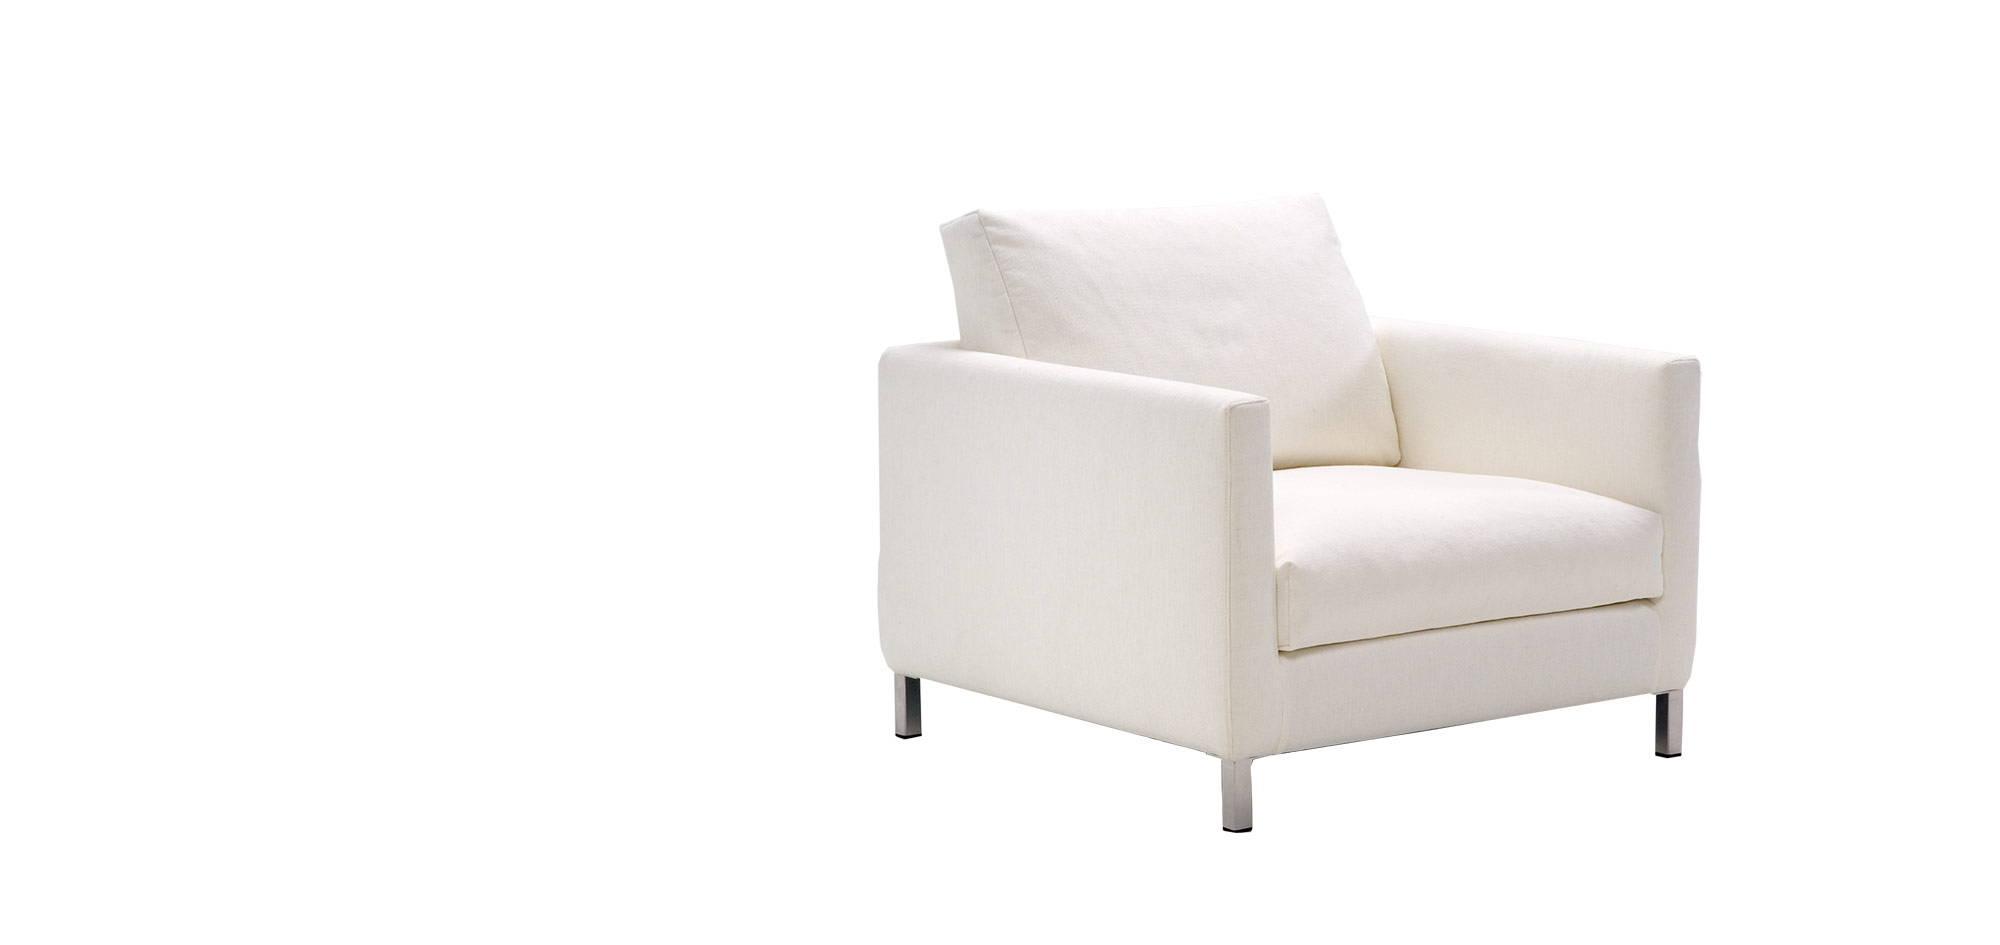 Donna-tuoli, valkoinen kangas. HT Collection